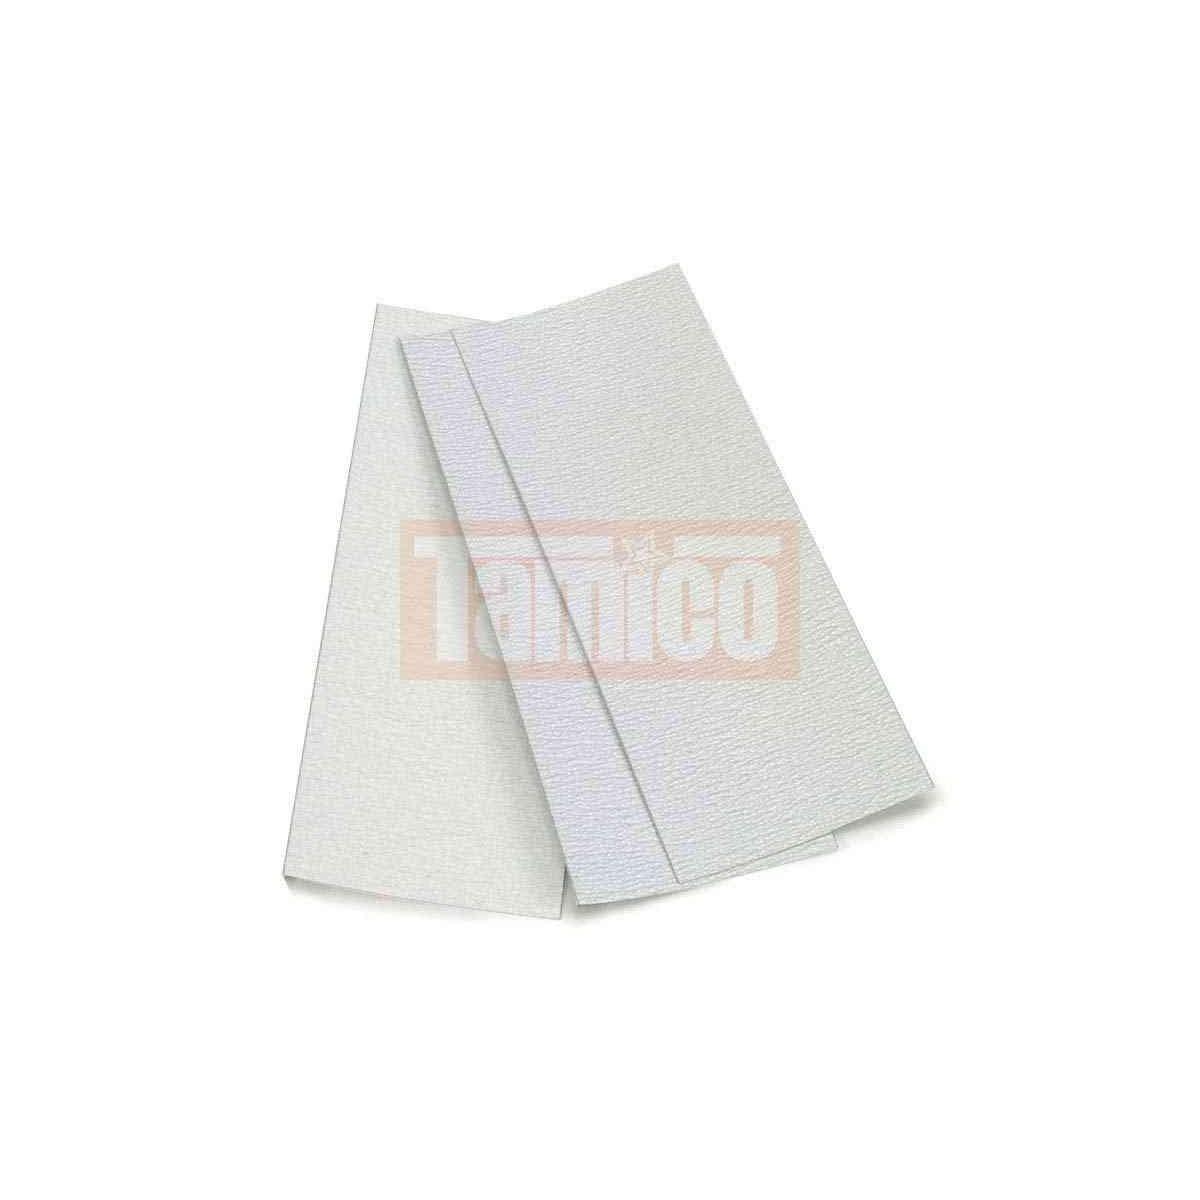 87056 Tamiya Schleifpapier Körnung P800 3